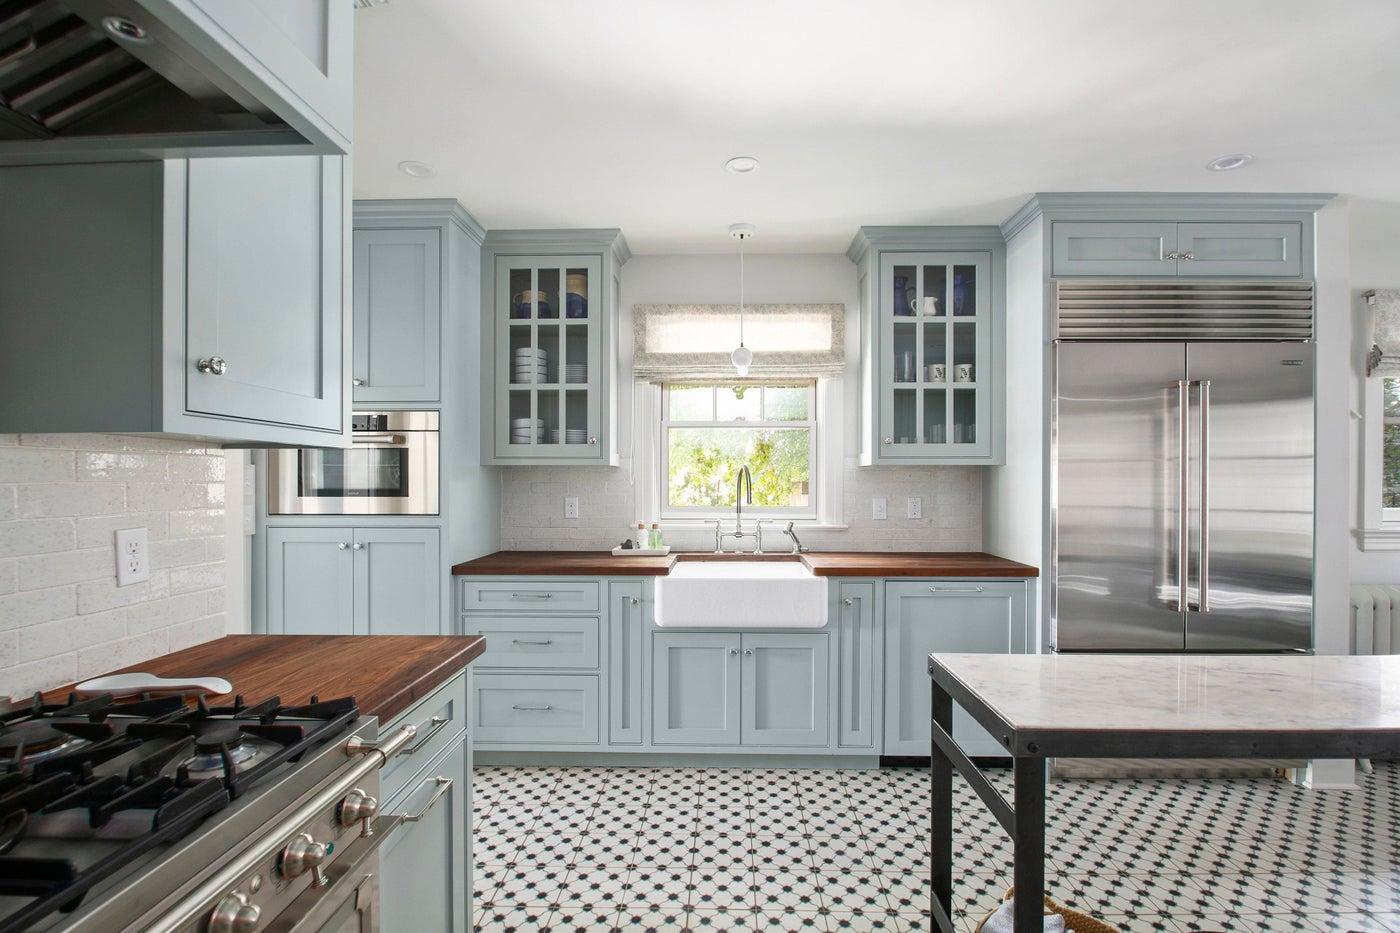 North End Boise Kitchen, concrete tile, blue cabinets, butcher block countertops